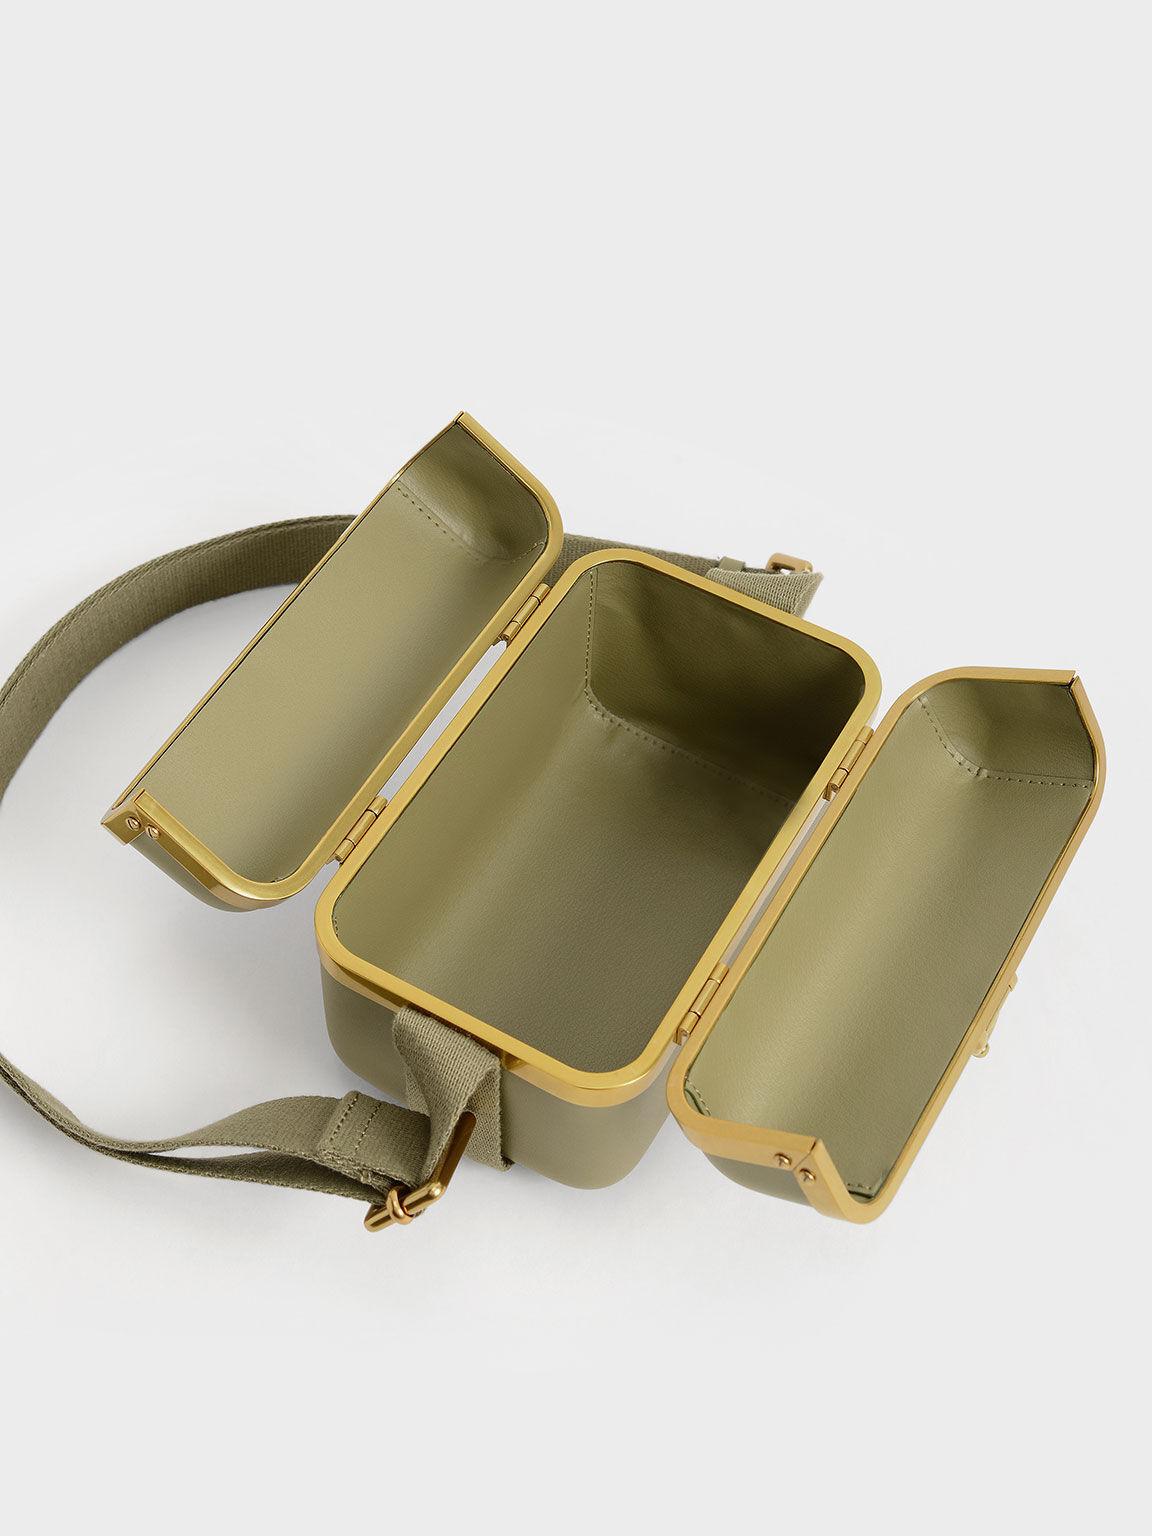 復古珠寶盒肩背包, 橄欖色, hi-res